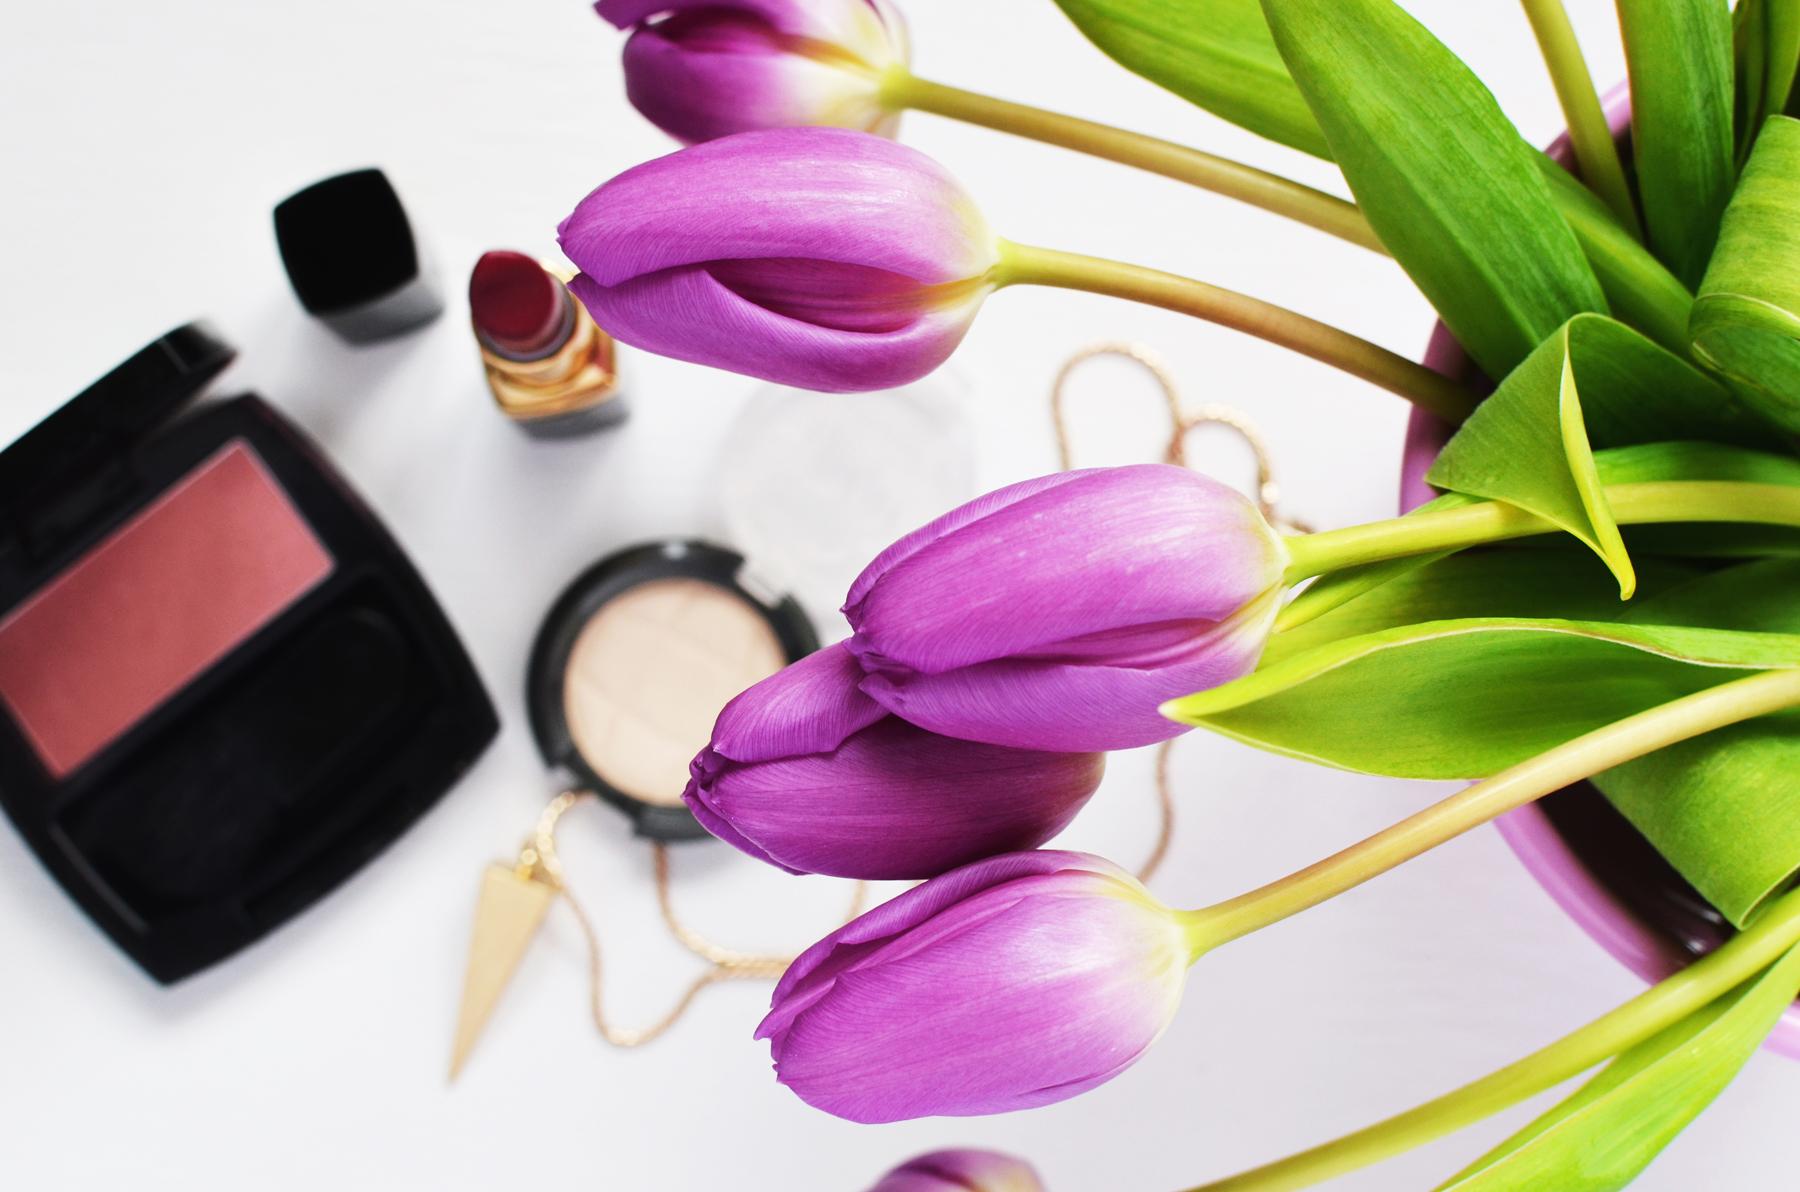 maquillaje real para mujeres reales entaconadas